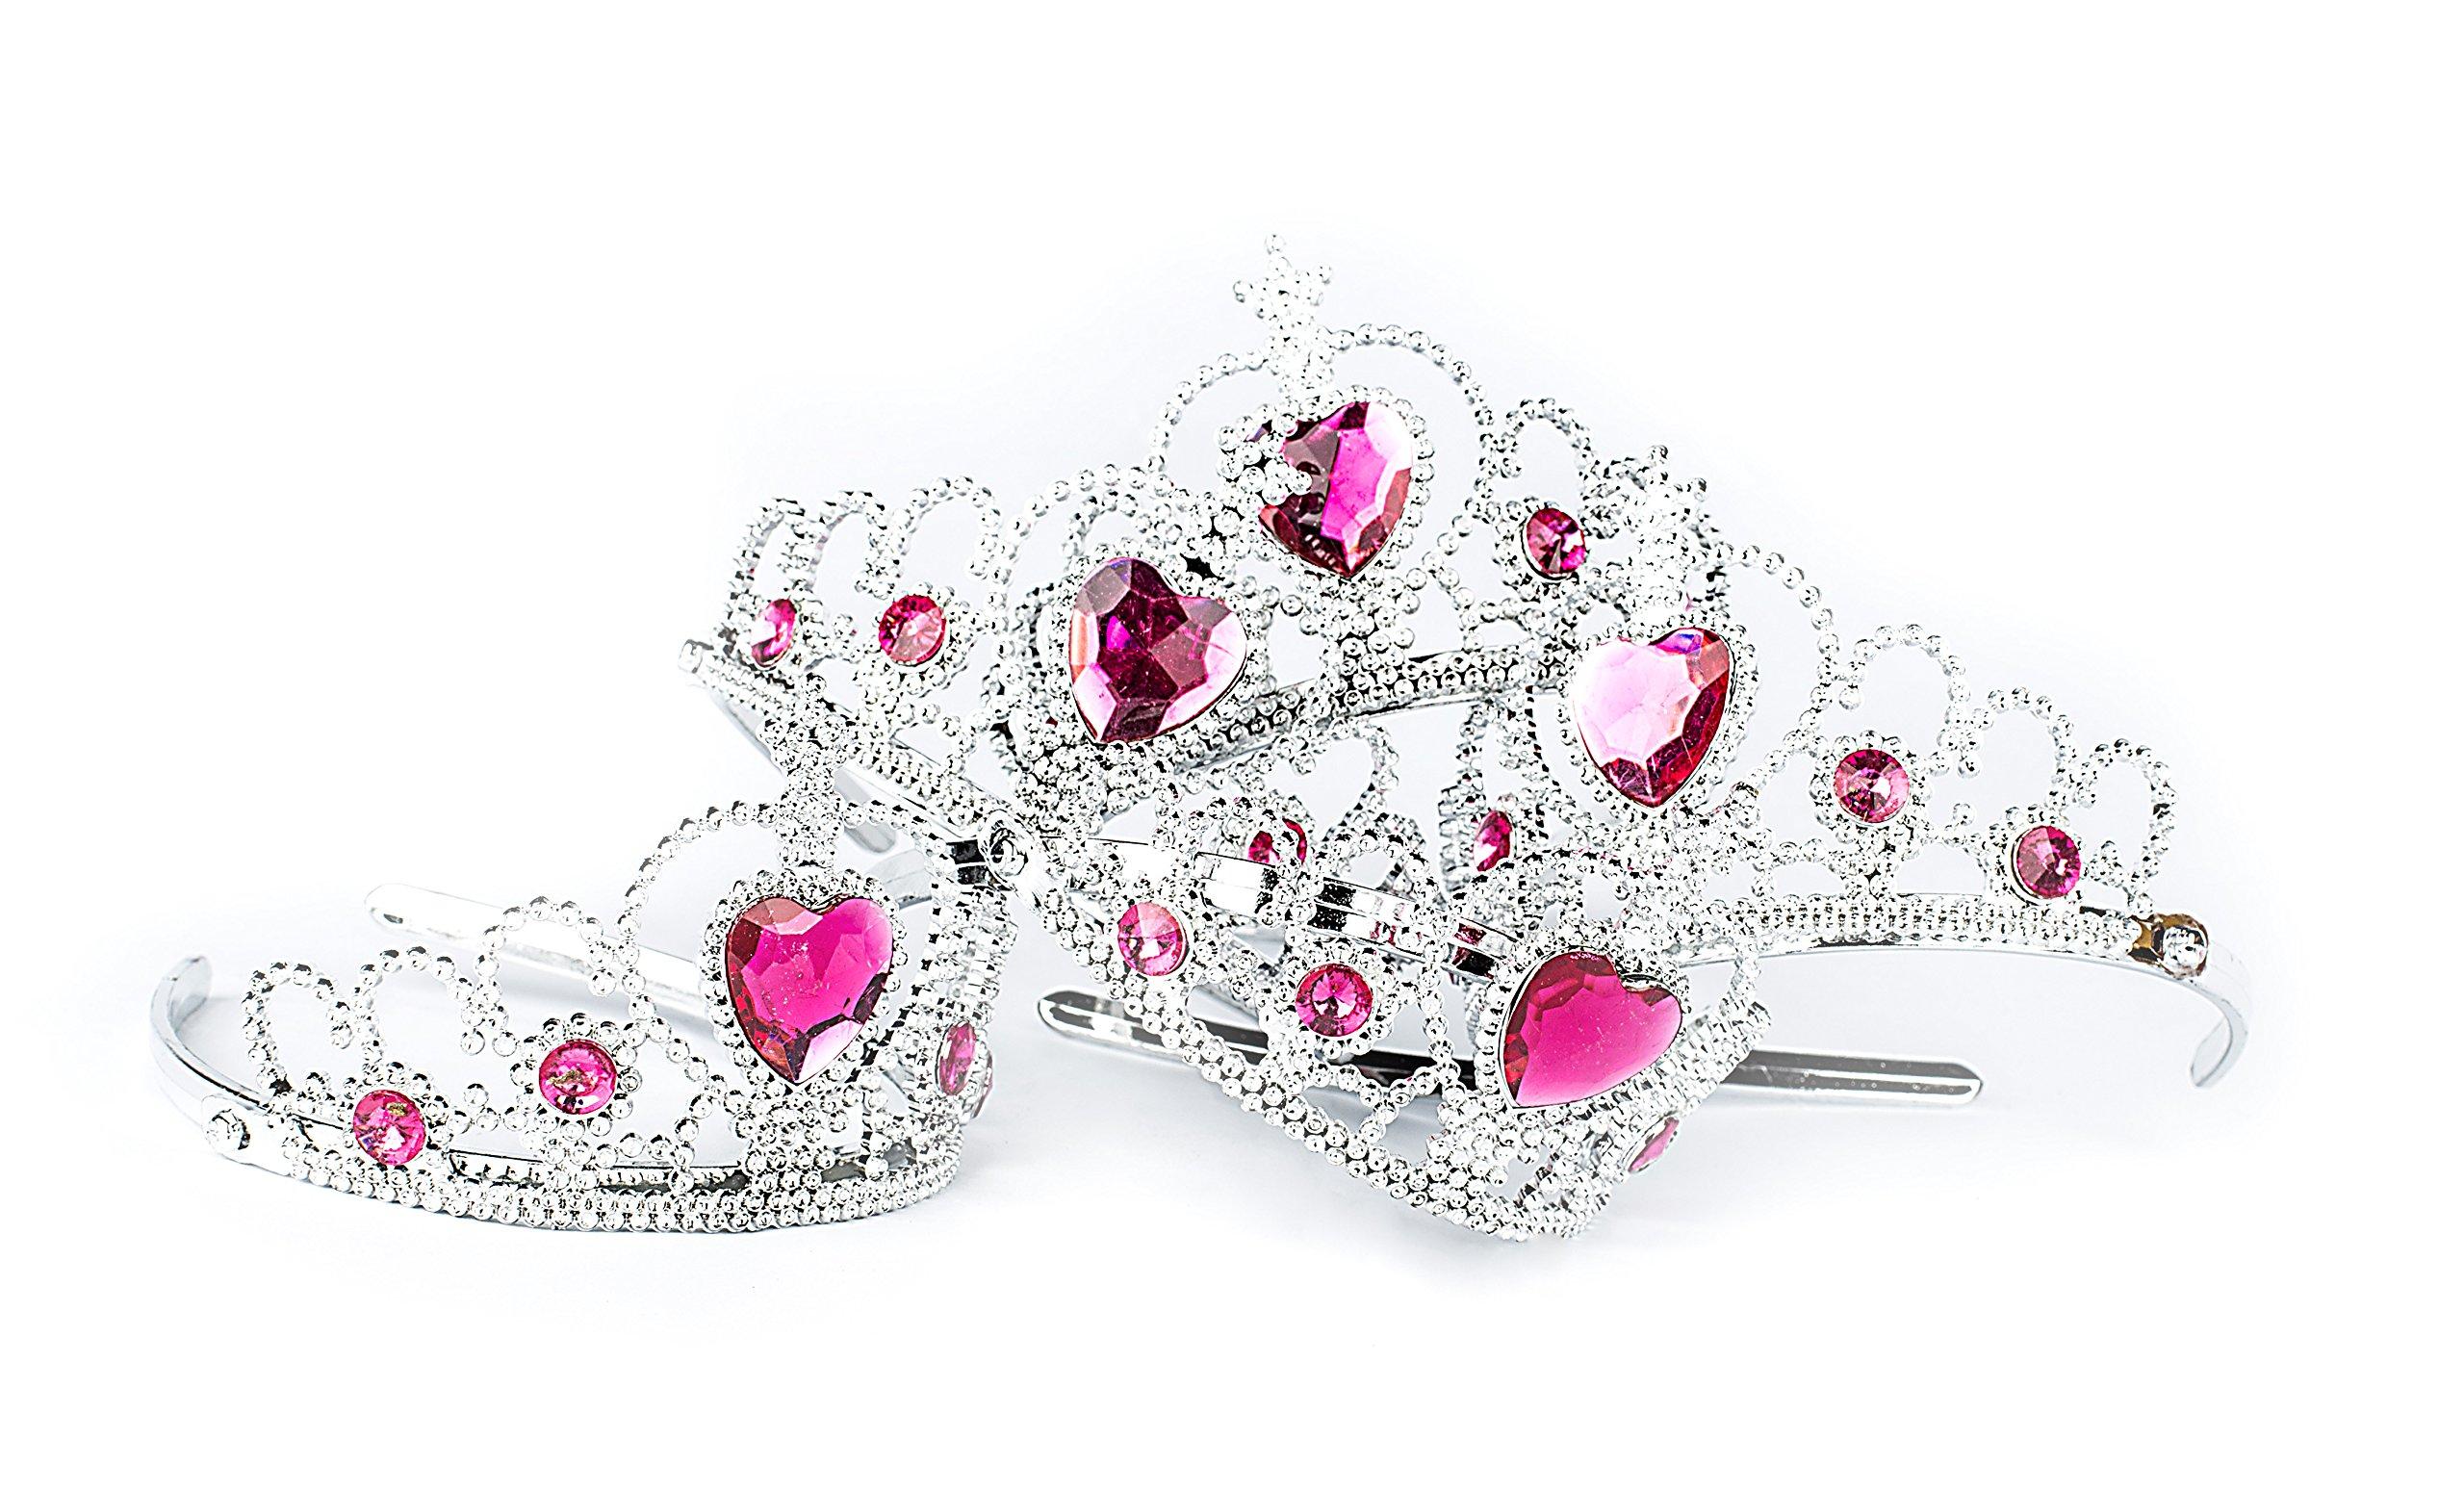 Princess Pretend Play Set - Easter Tiara Dress Up Play Set - Crowns, Wands, and Jewels - Princess Girls Party Favors - Princess Costume Party Play Set, (12 Princess Crown Tiaras, 12 Wands, 24 Rings) by Neliblu (Image #5)